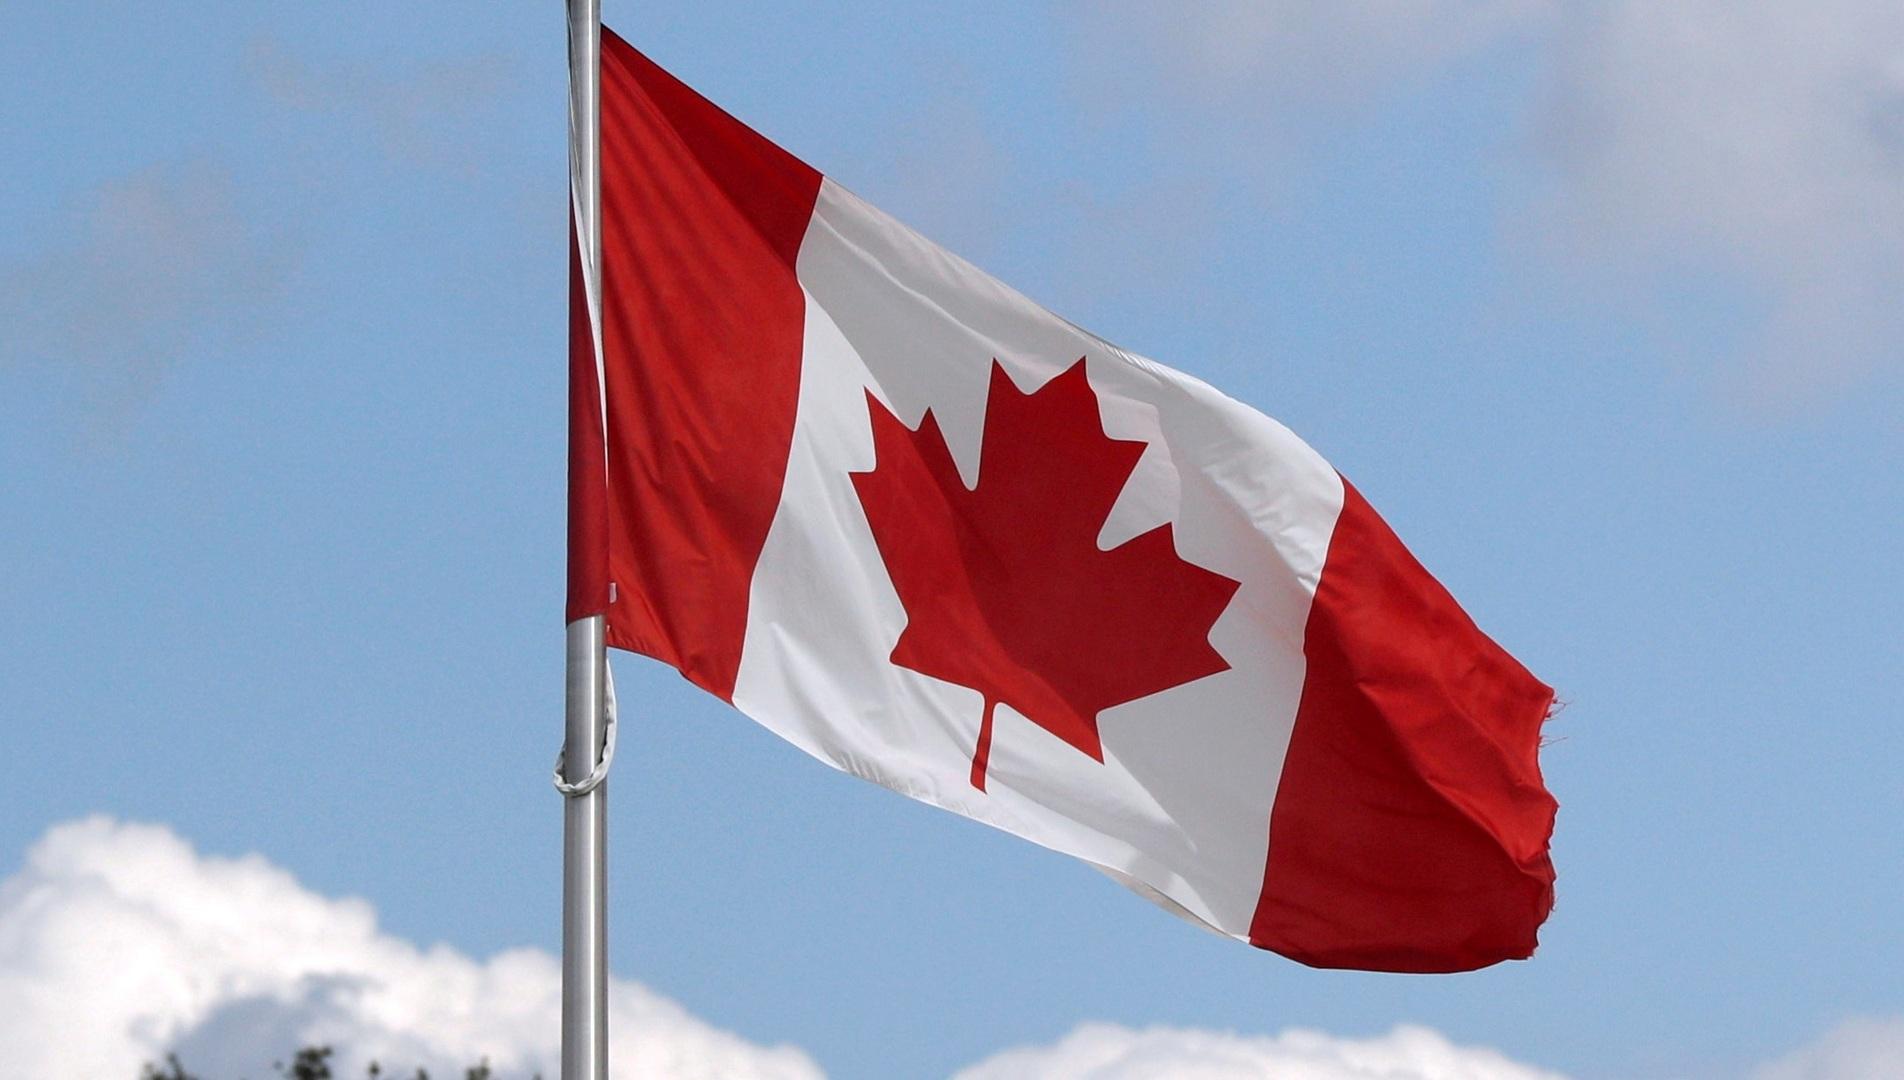 وزير: كندا ستقبل المزيد من اللاجئين وأسرهم هذا العام